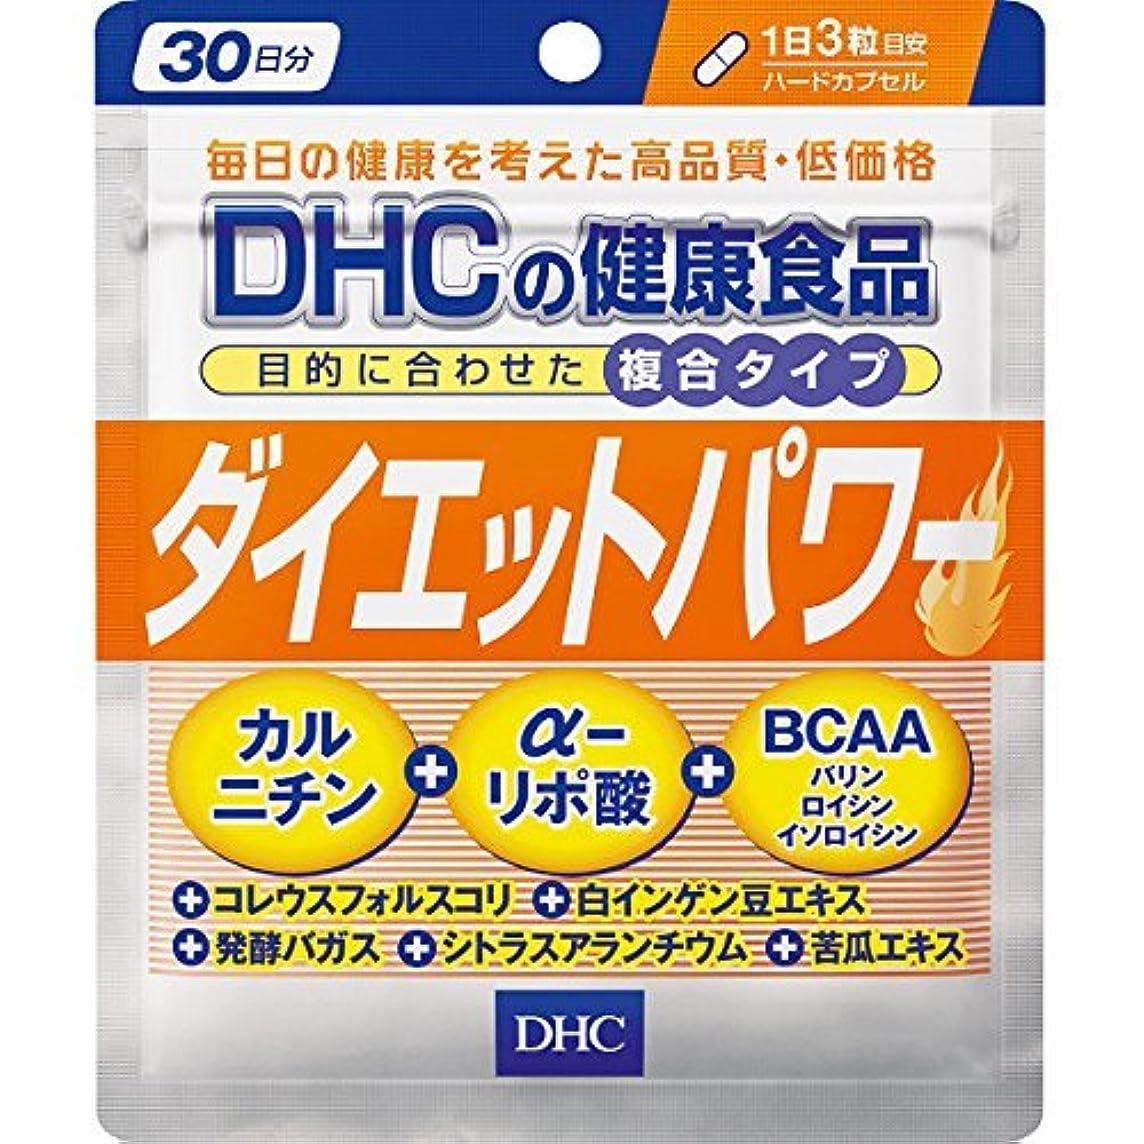 公使館満足難しいDHC ダイエットパワー 30日分